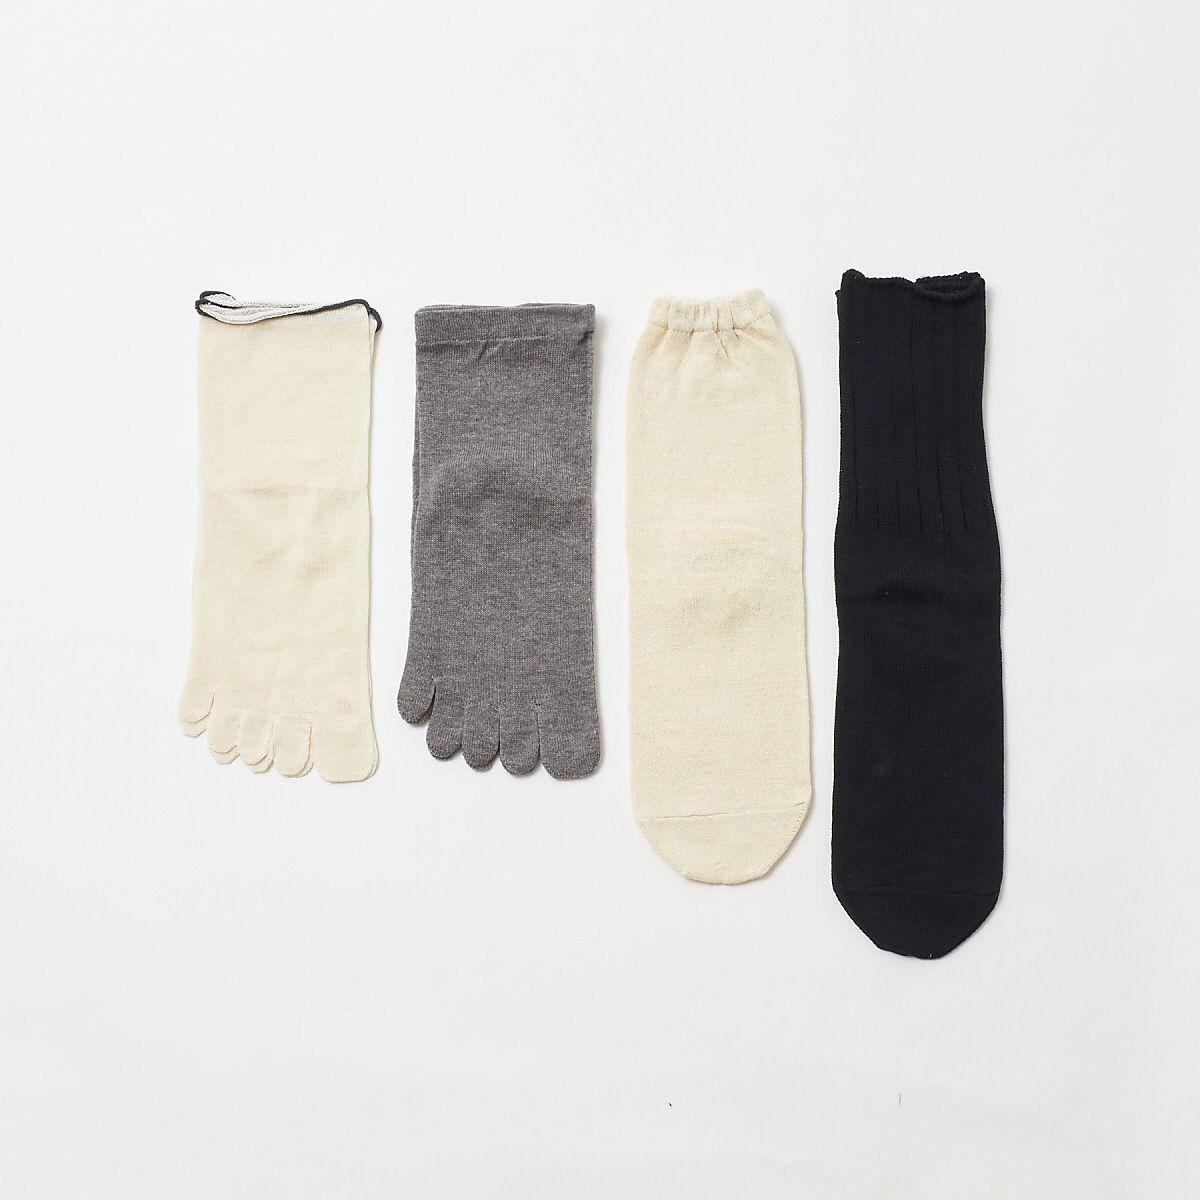 collex(コレックス)/《冷えとり》4足重ね履き靴下